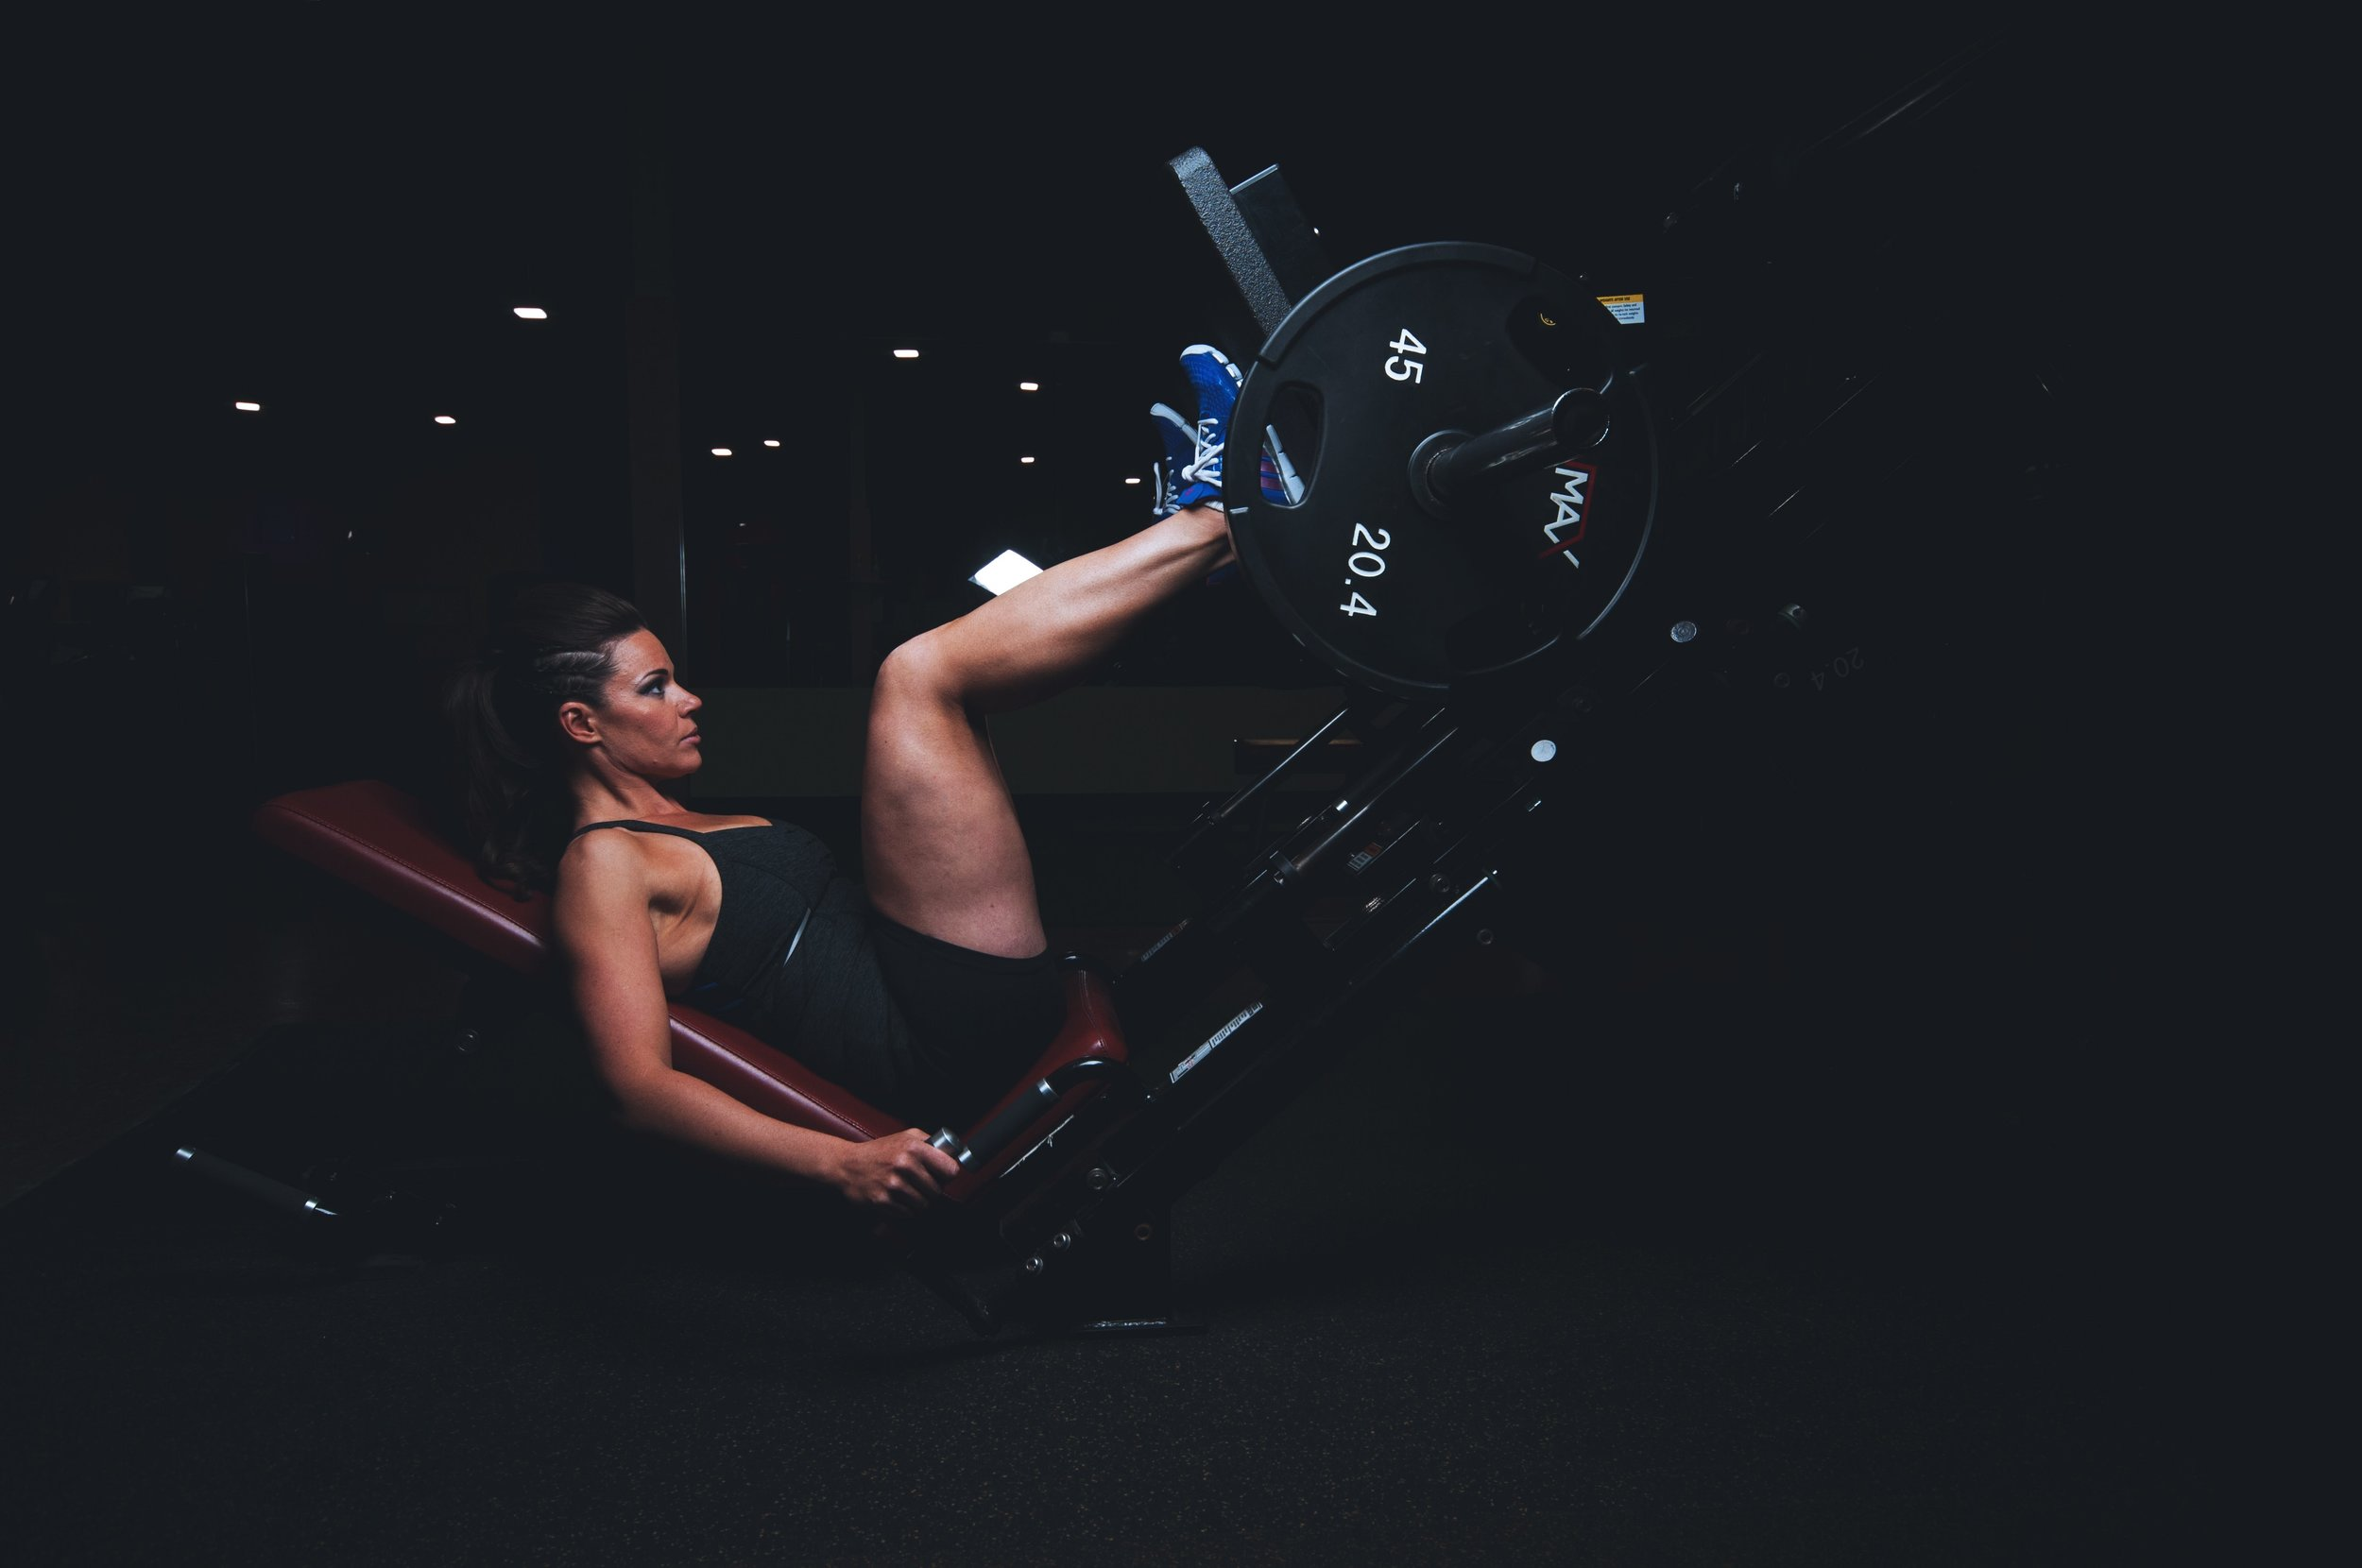 adult-athlete-dark-136404.jpg